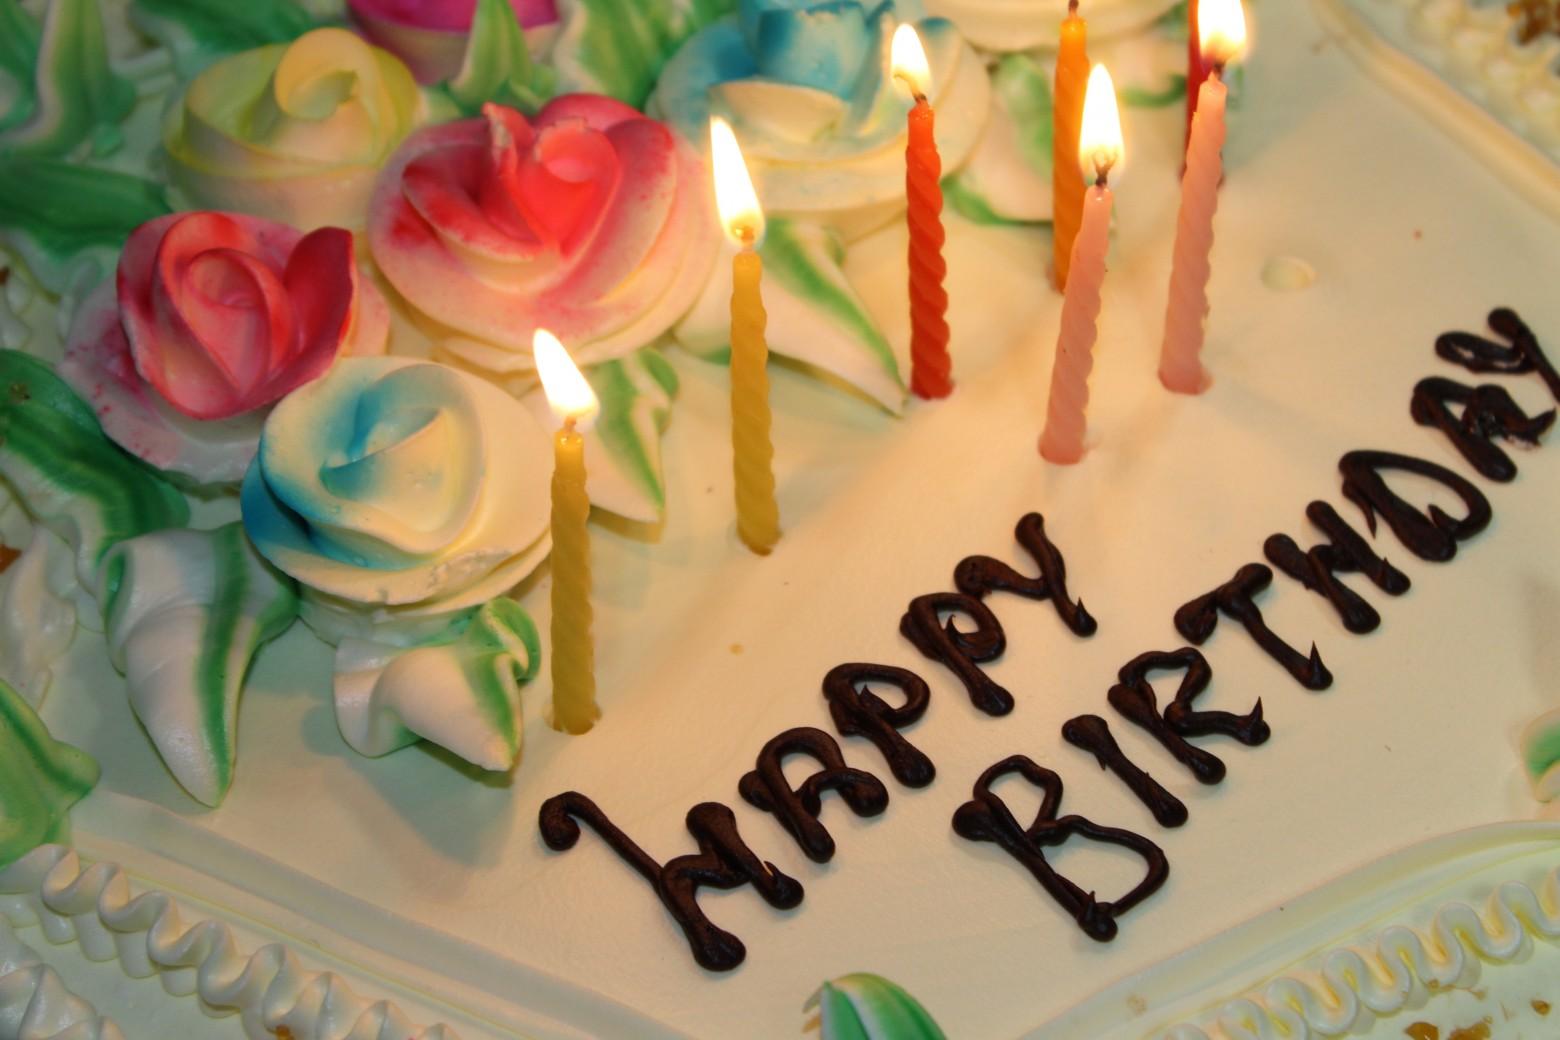 joyeux anniversaire images gratuites